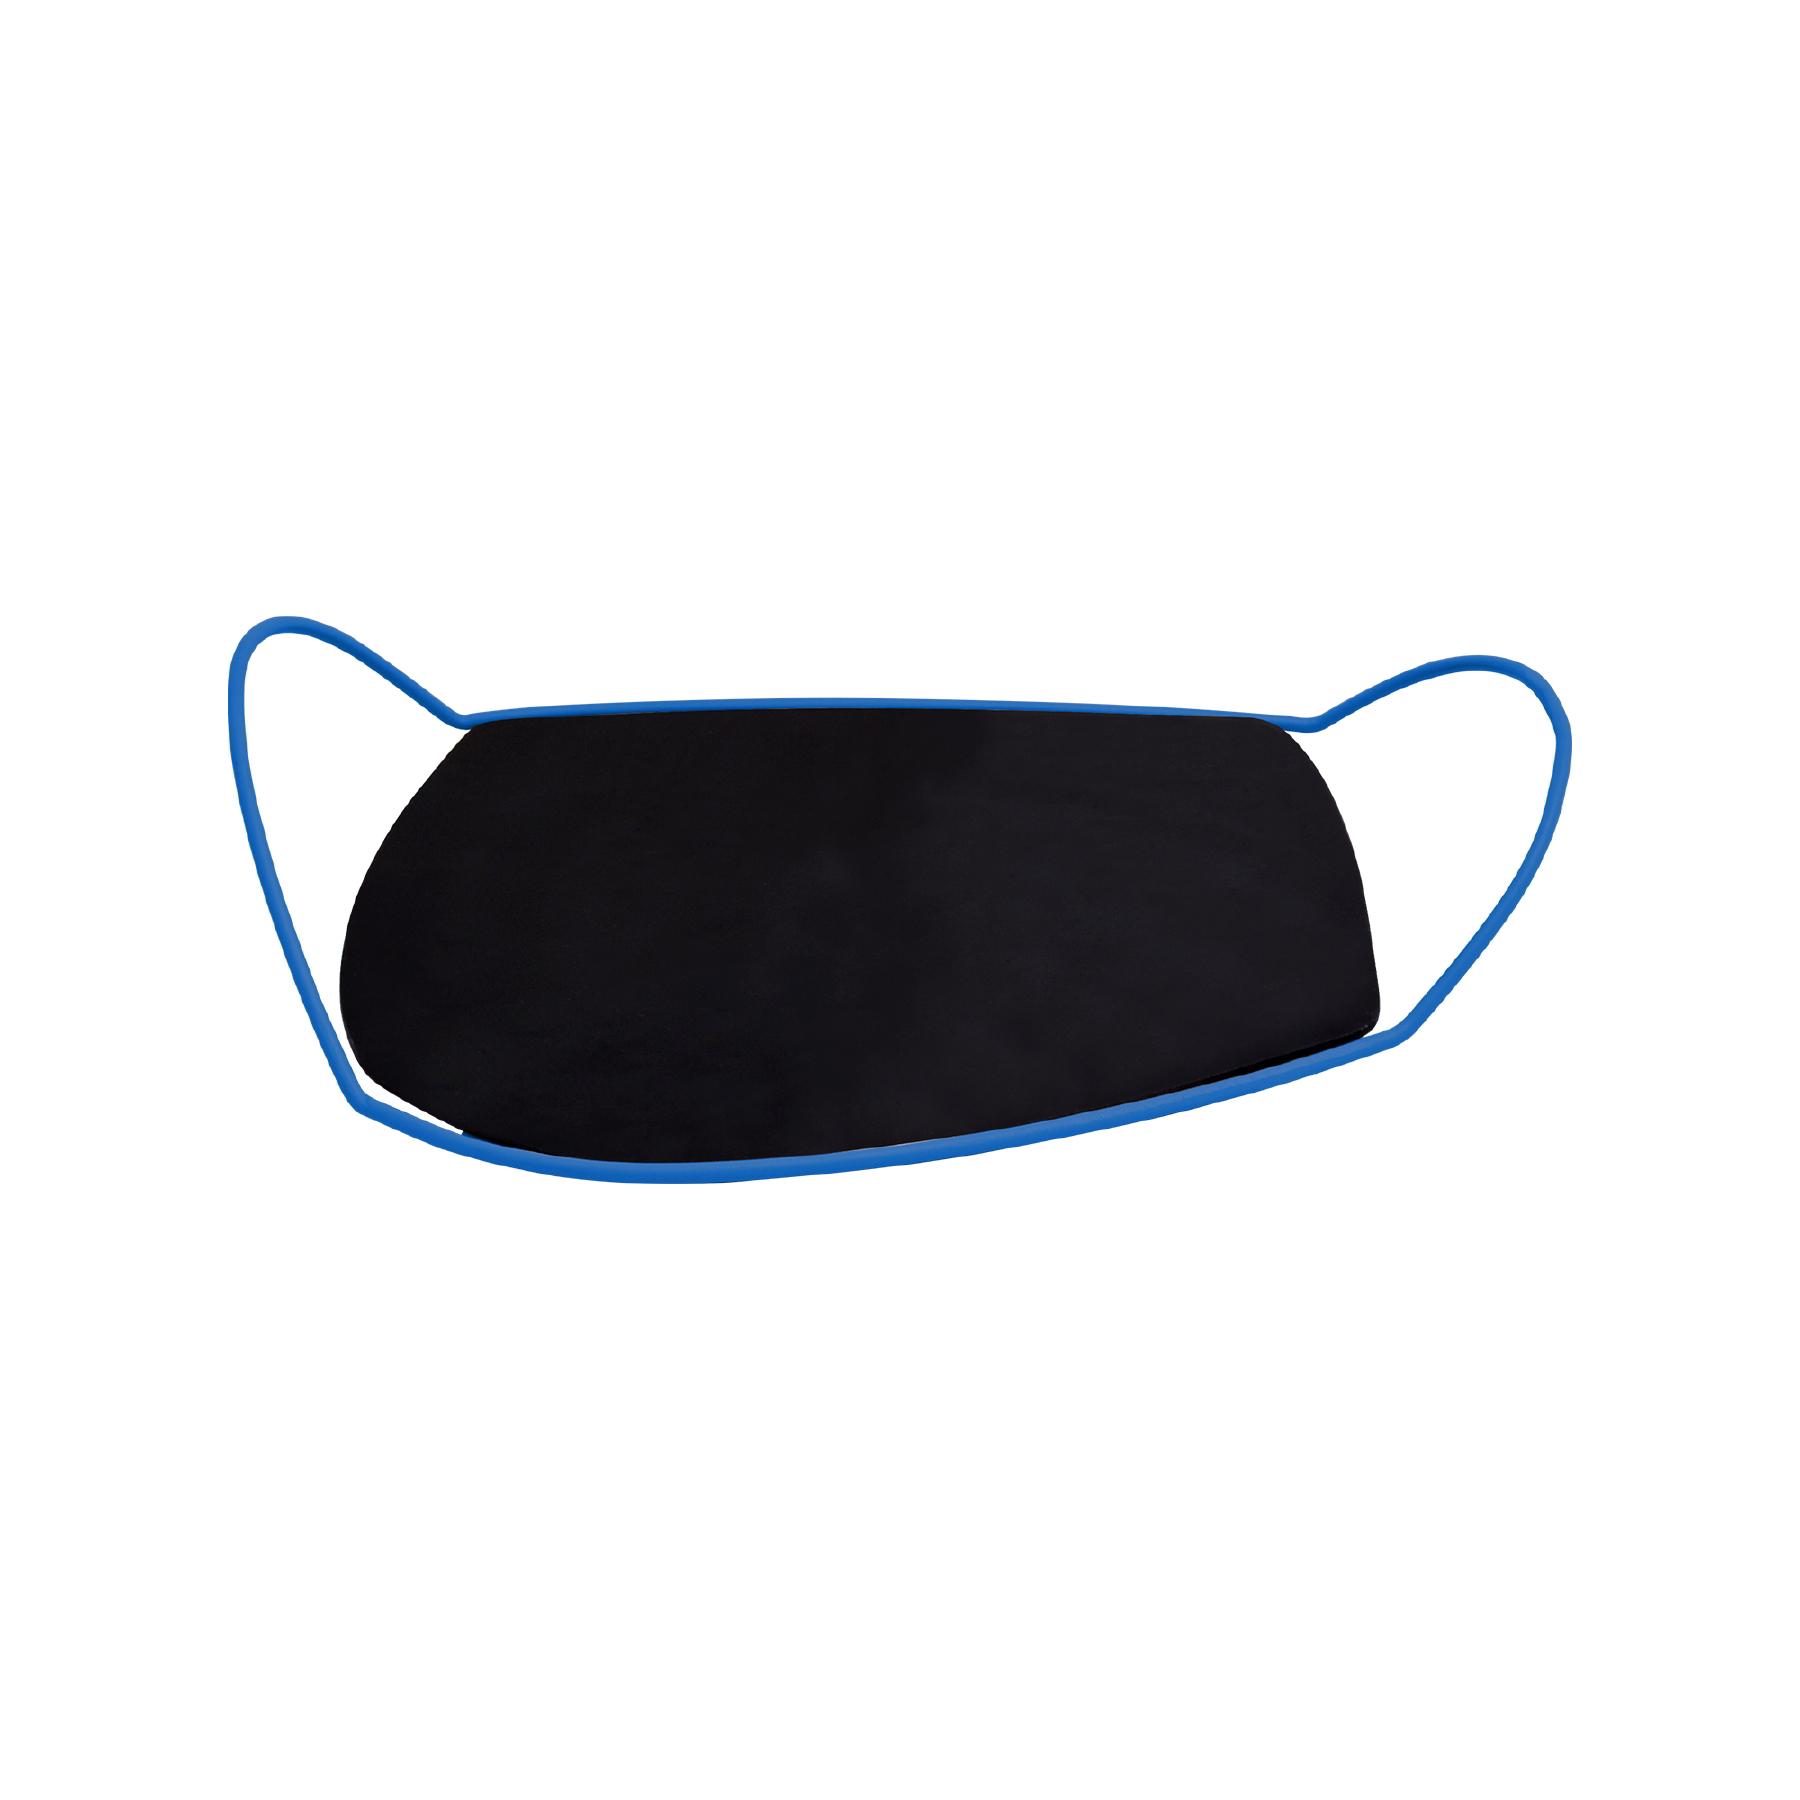 Bandeja orgânica de ferro Azul Cobalto